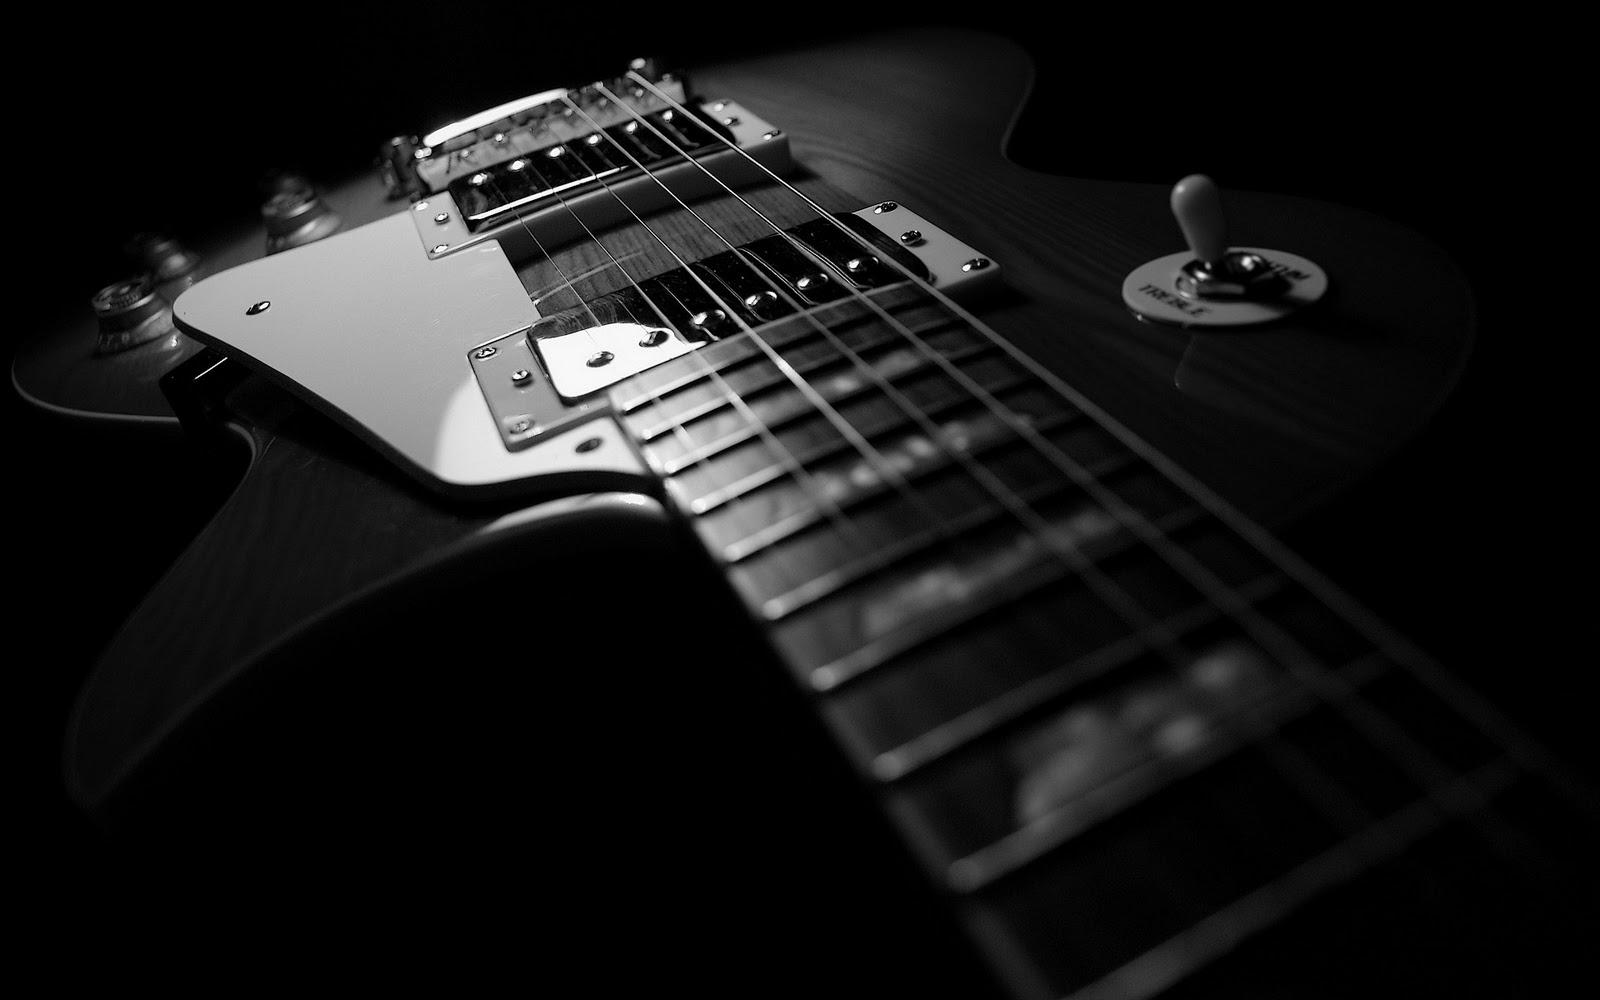 Koleksi Gambar Gitar Digaleri Com